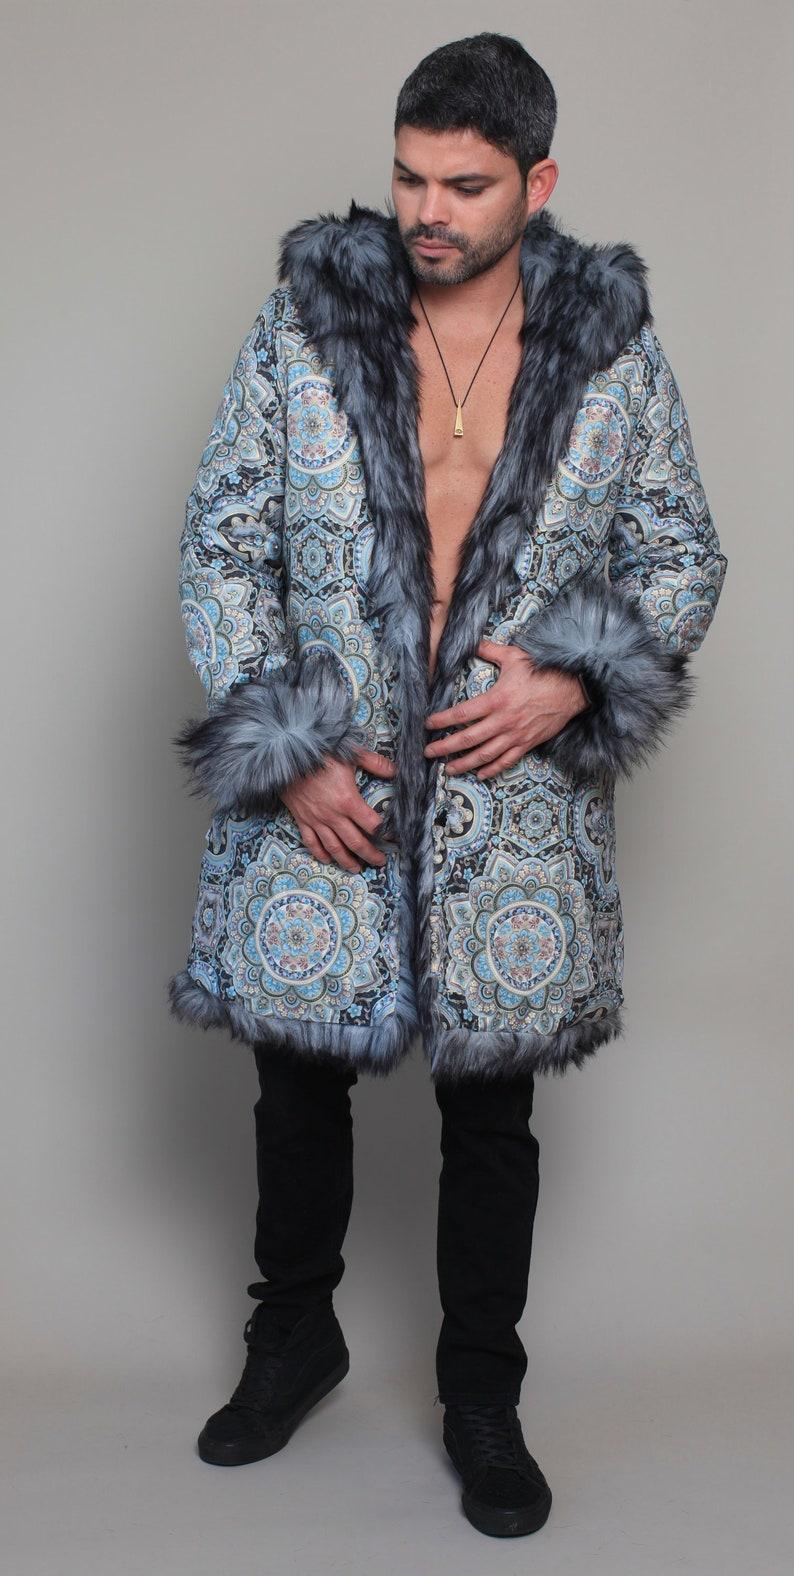 393d03751928 Night Sky Festival Jacket Men Faux Gray Wolf Fur Coat Tribal